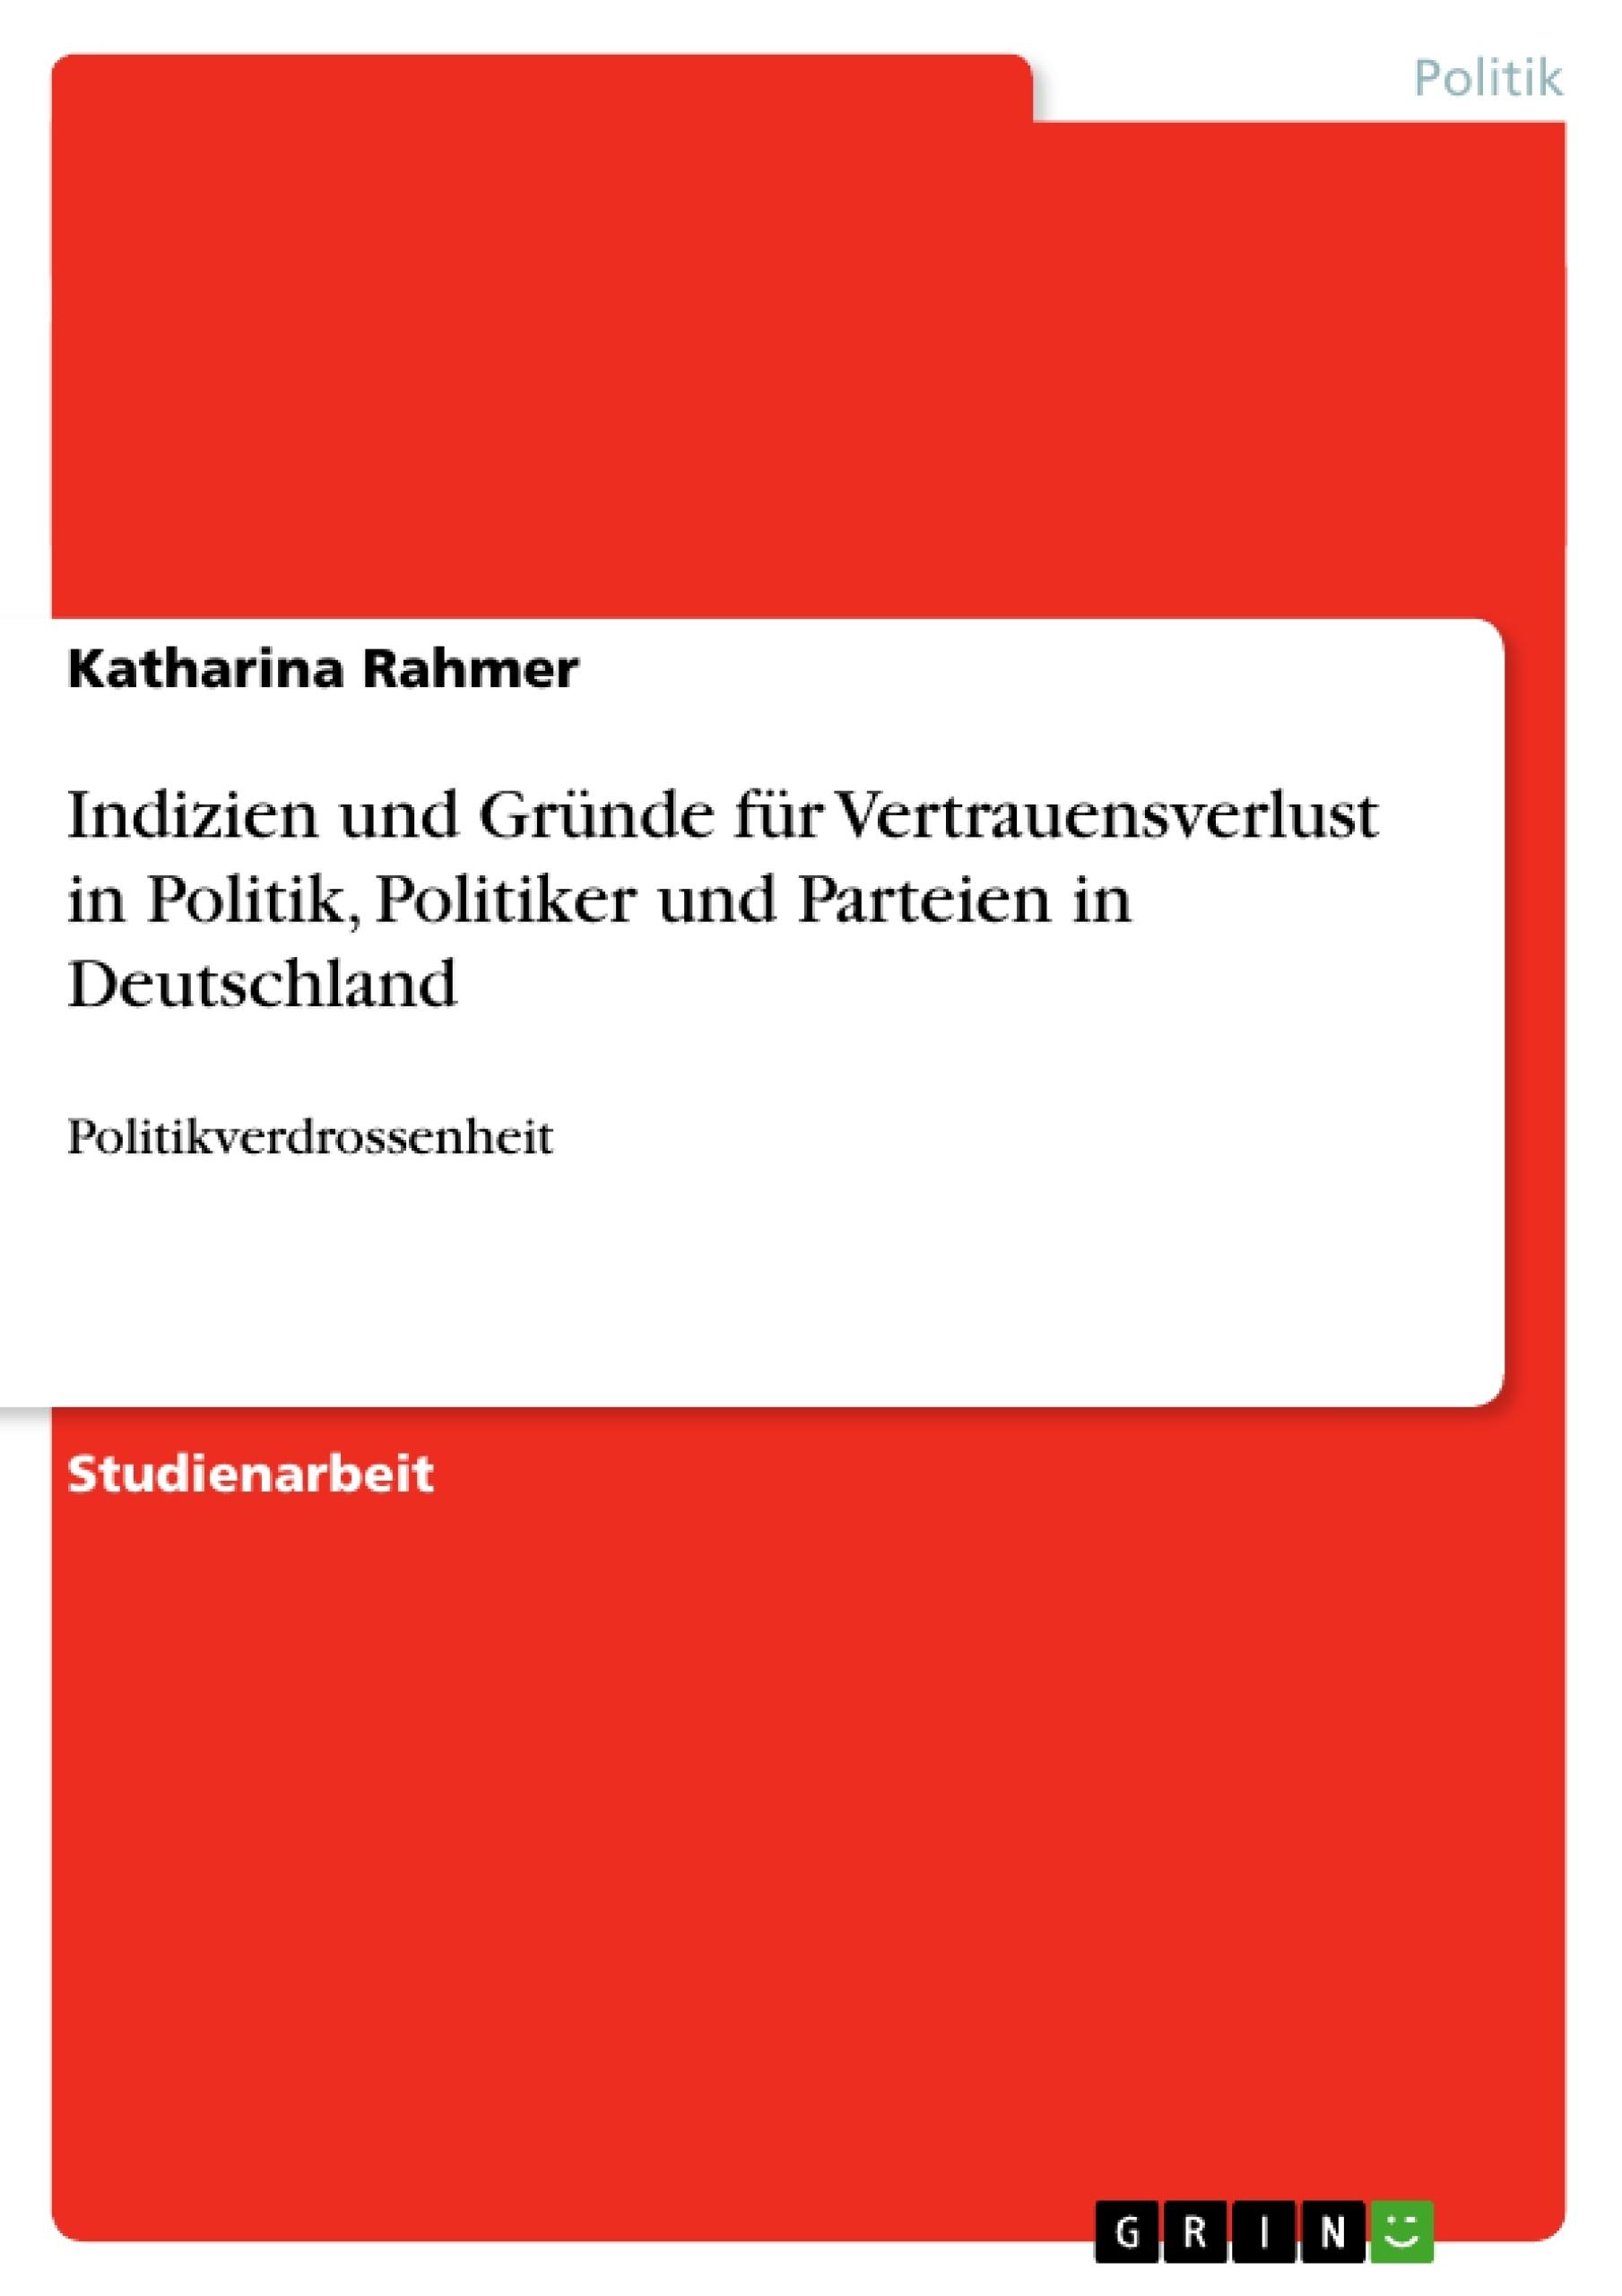 Titel: Indizien und Gründe  für Vertrauensverlust in Politik, Politiker und Parteien in Deutschland